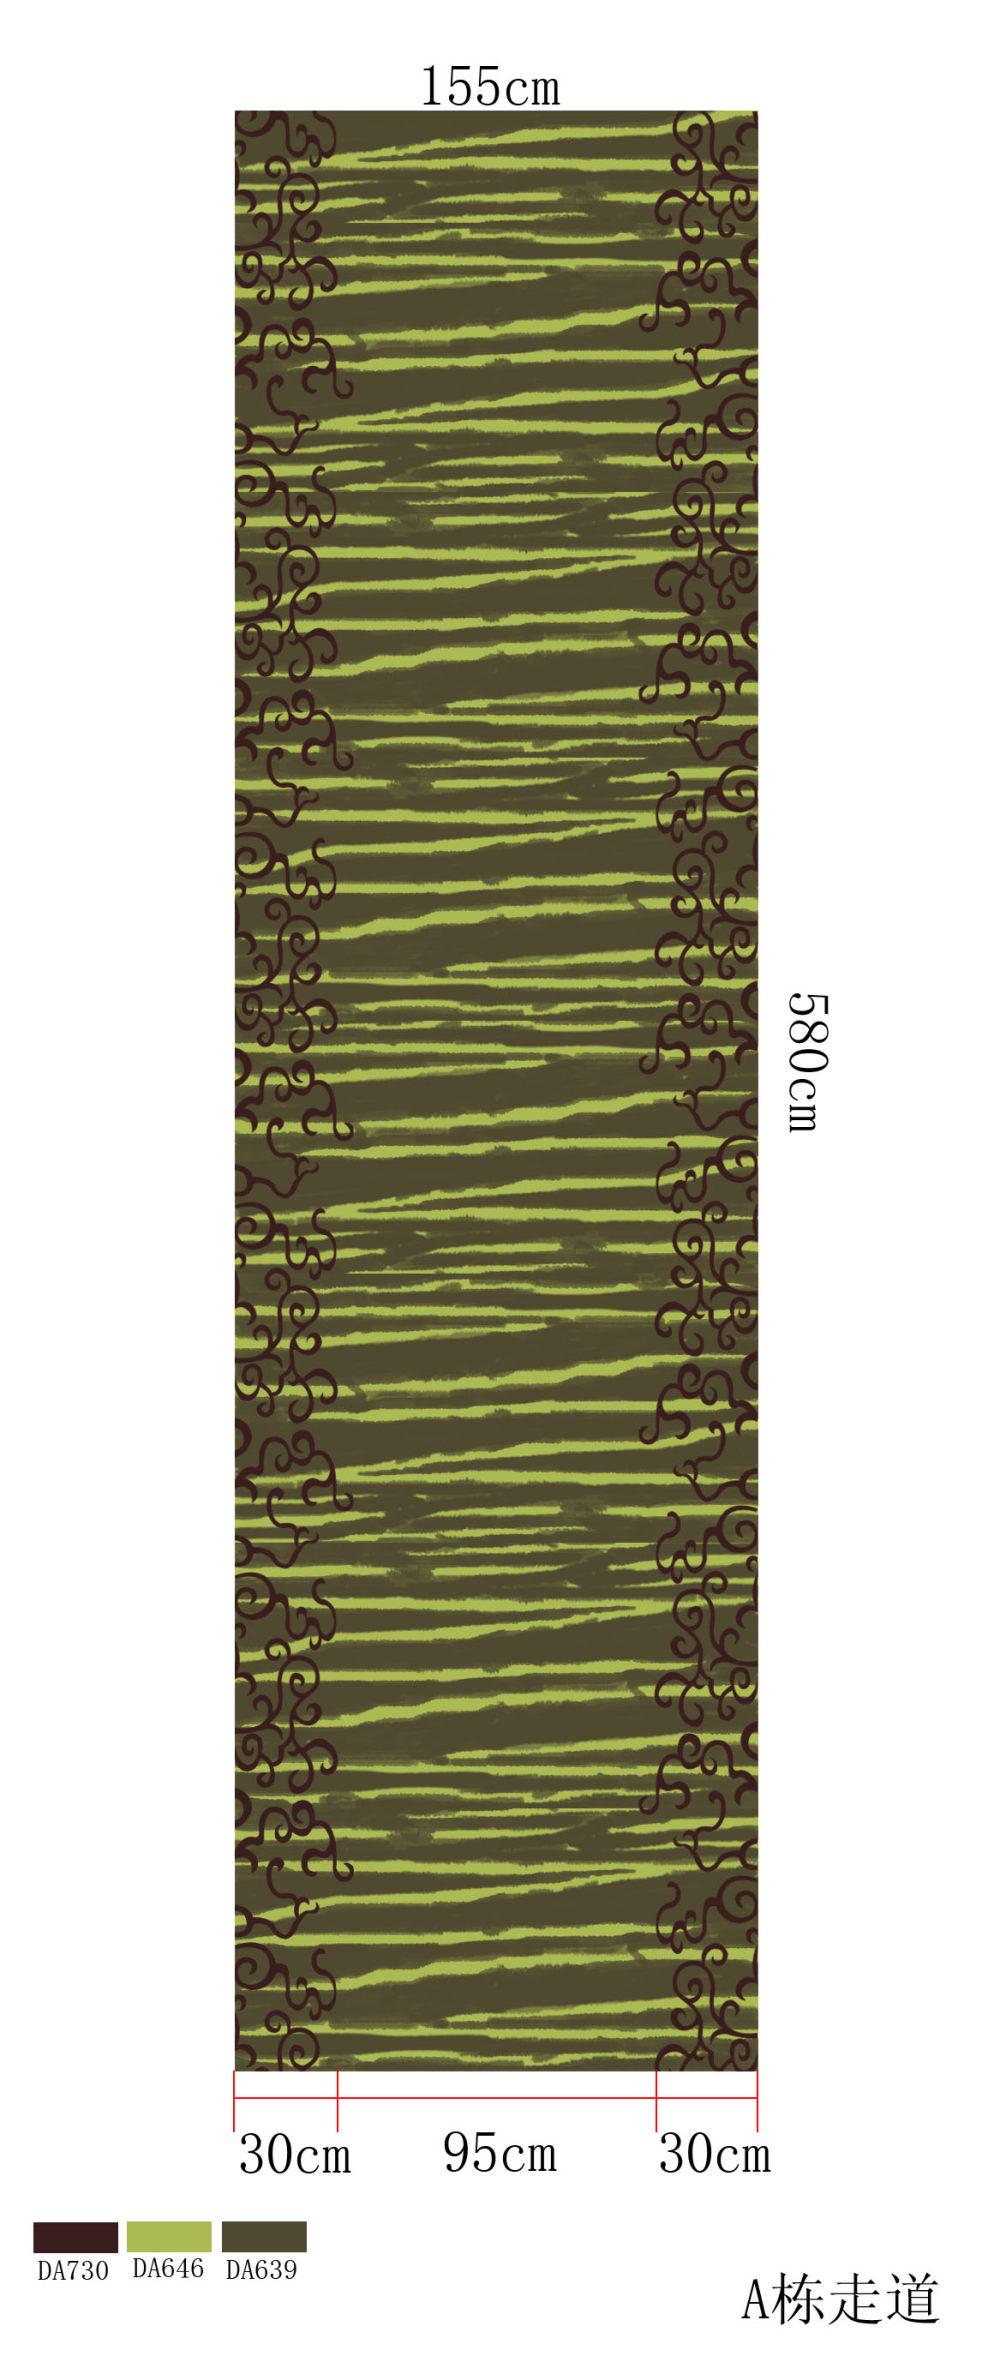 郑中(CCD)--专用地毯高清大图161P_A栋走道效果图.jpg